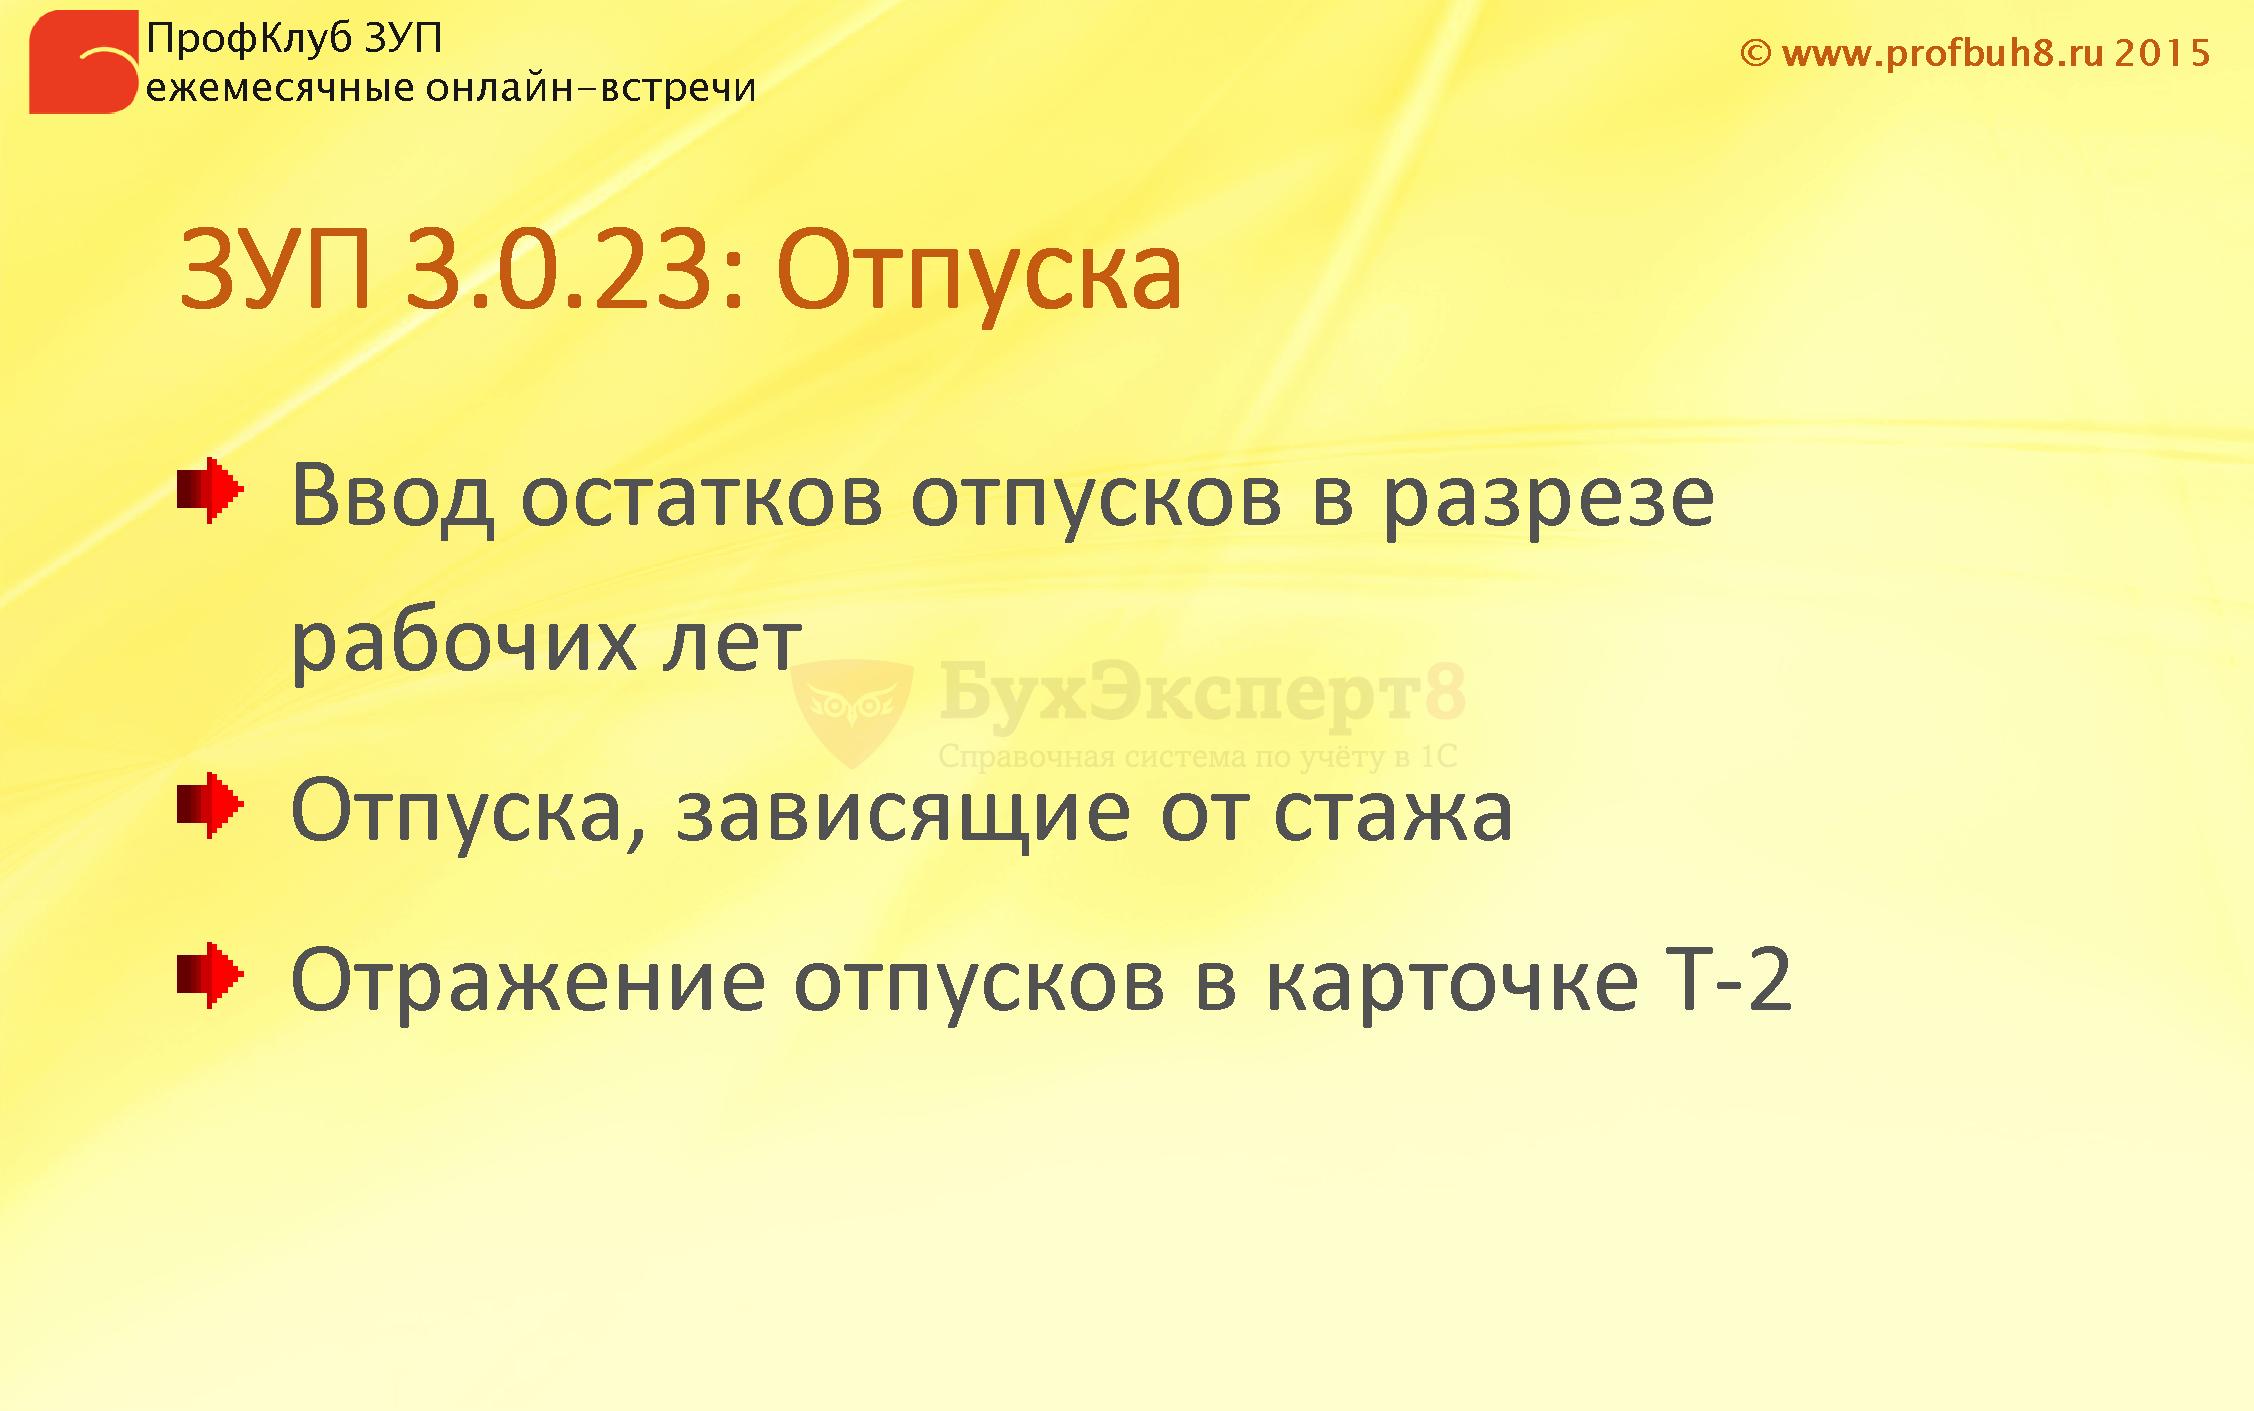 ЗУП 3.0.23: Отпуска Ввод остатков отпусков в разрезе рабочих лет Отпуска, зависящие от стажа Отражение отпусков в карточке Т-2